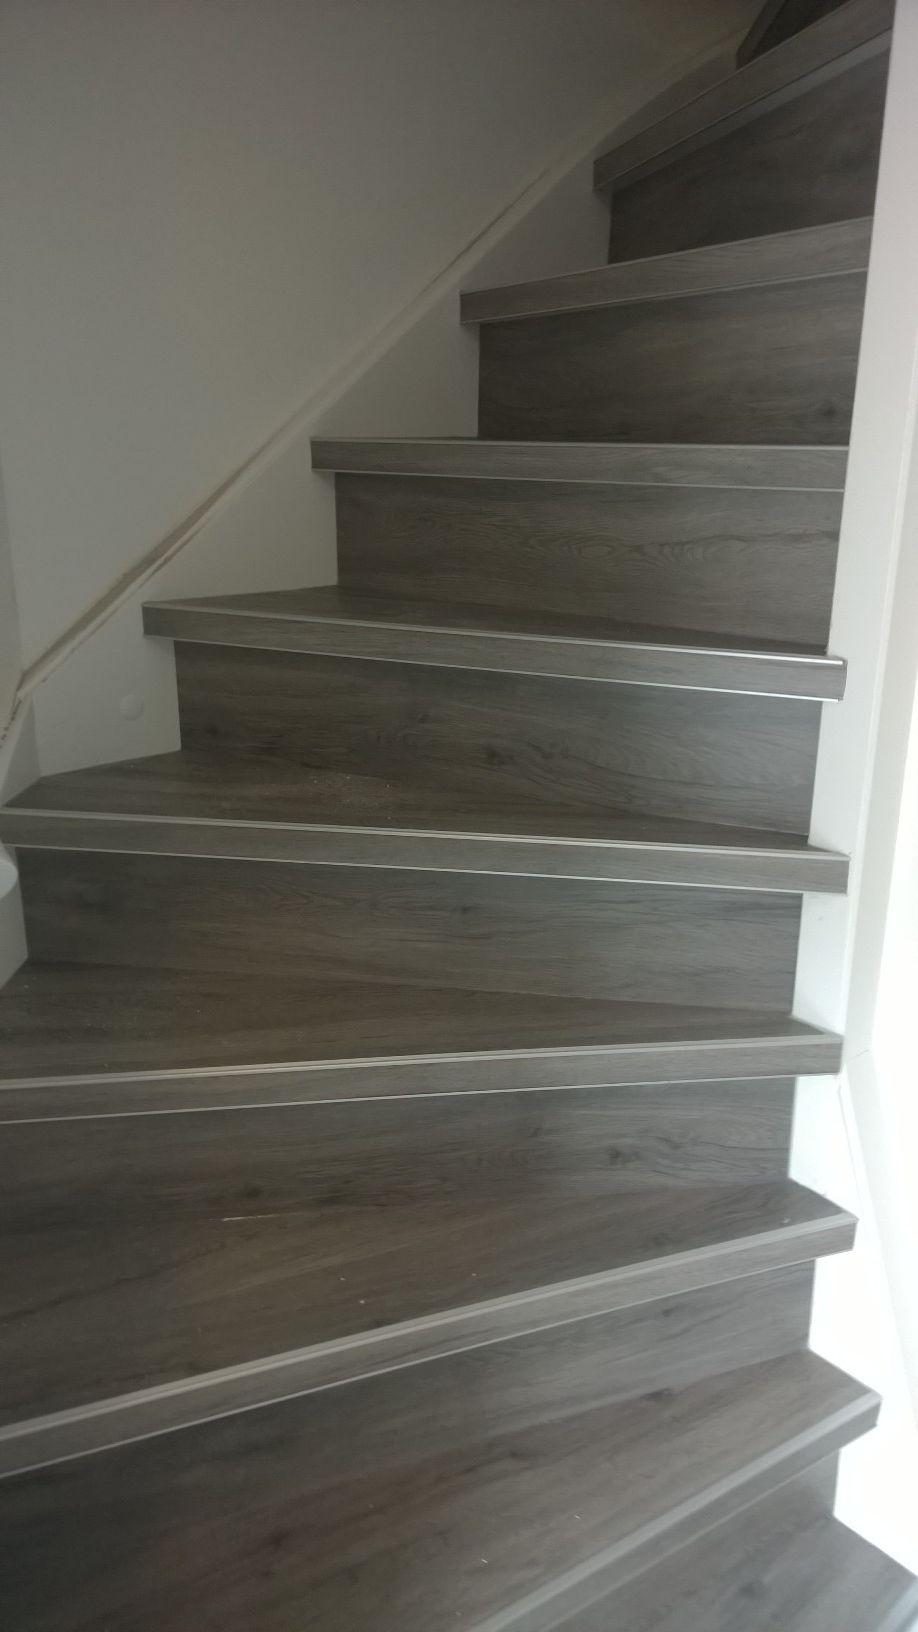 Belakos Urban+ kleur 750 grijs pvc op de trap met Kuberit zilveren ...